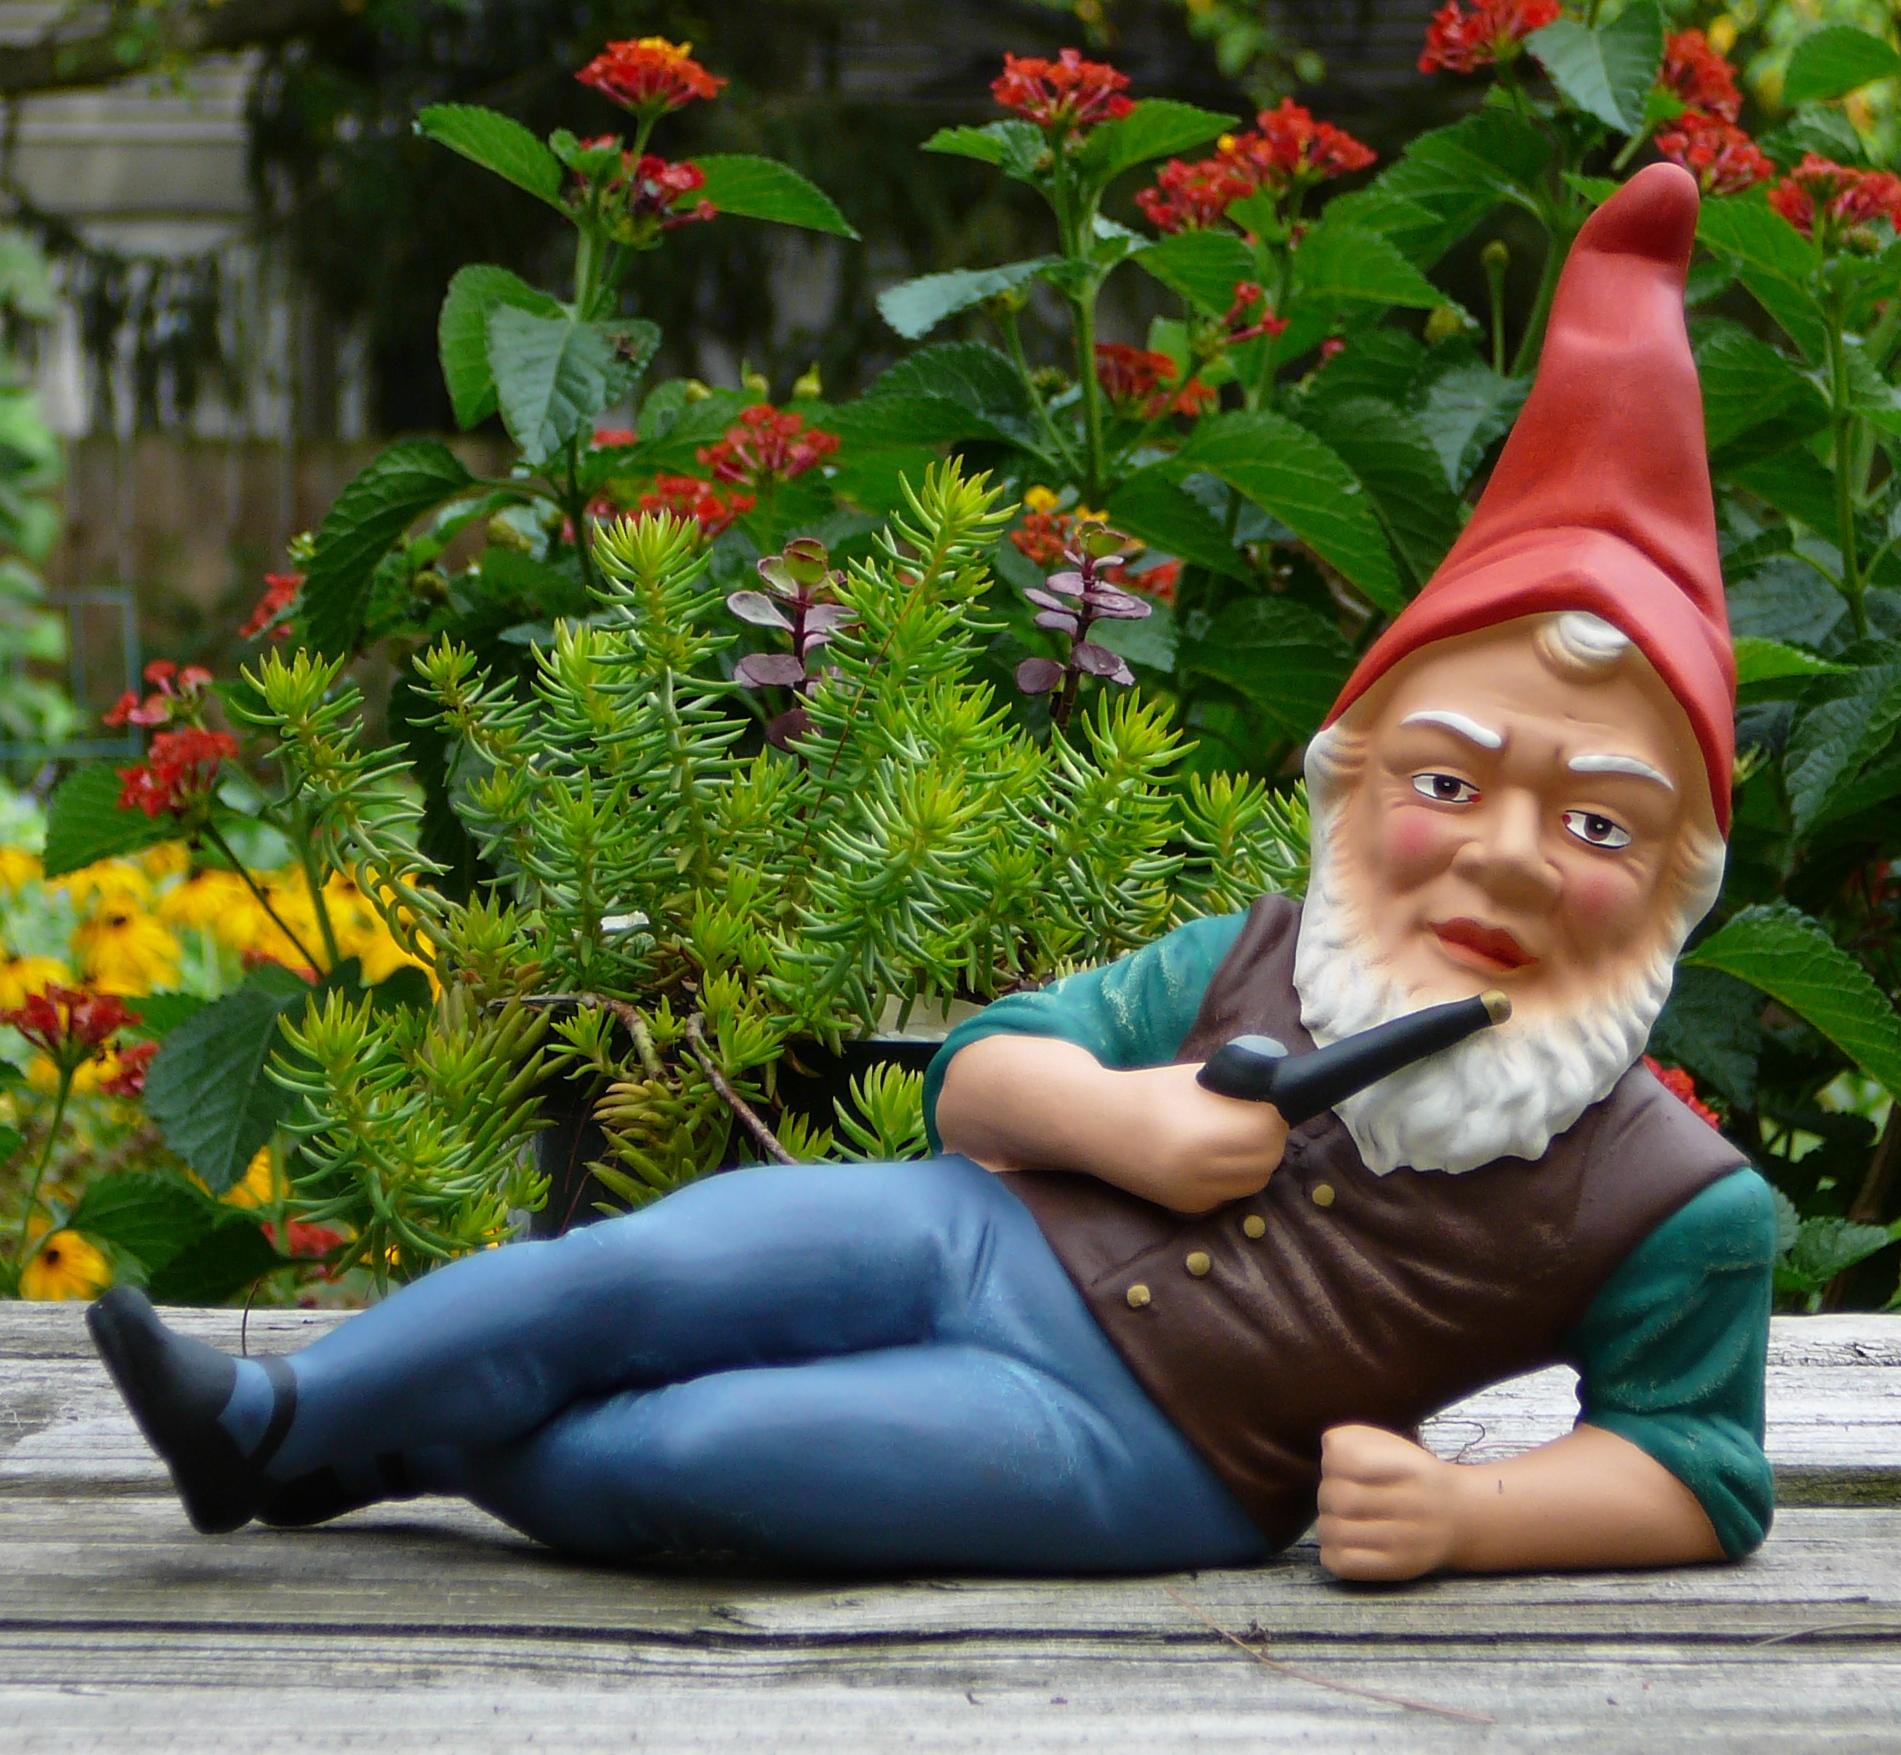 Gnome In Garden: Garden Gnomes History Photograph